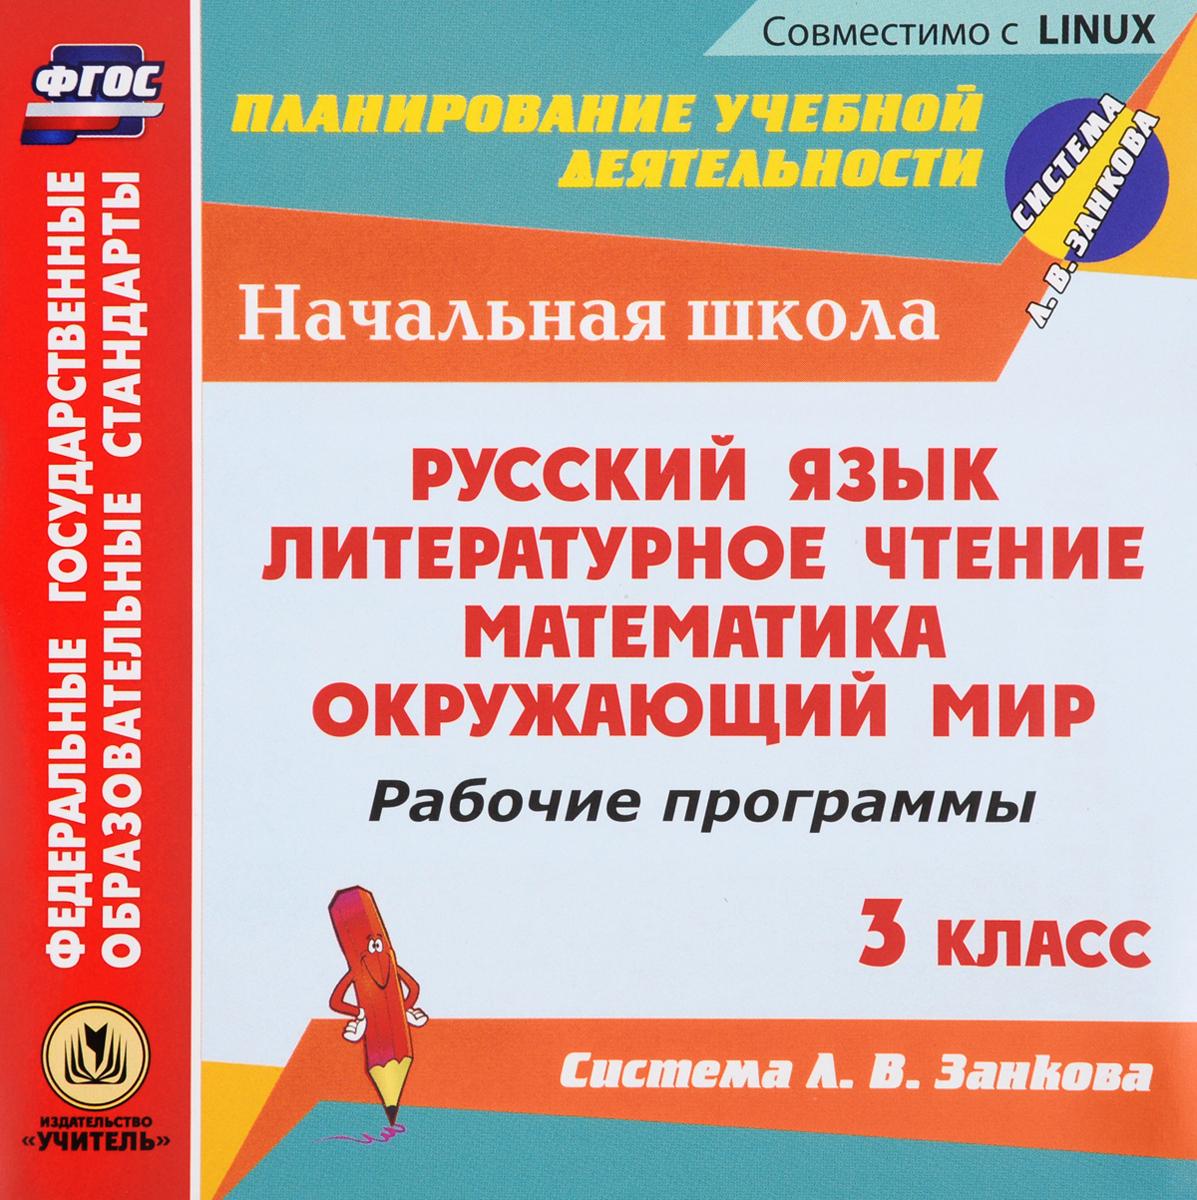 Zakazat.ru Рабочие программы. Система Л. В. Занкова. 3 класс. Русский язык. Литературное чтение. Математика. Окружающий мир